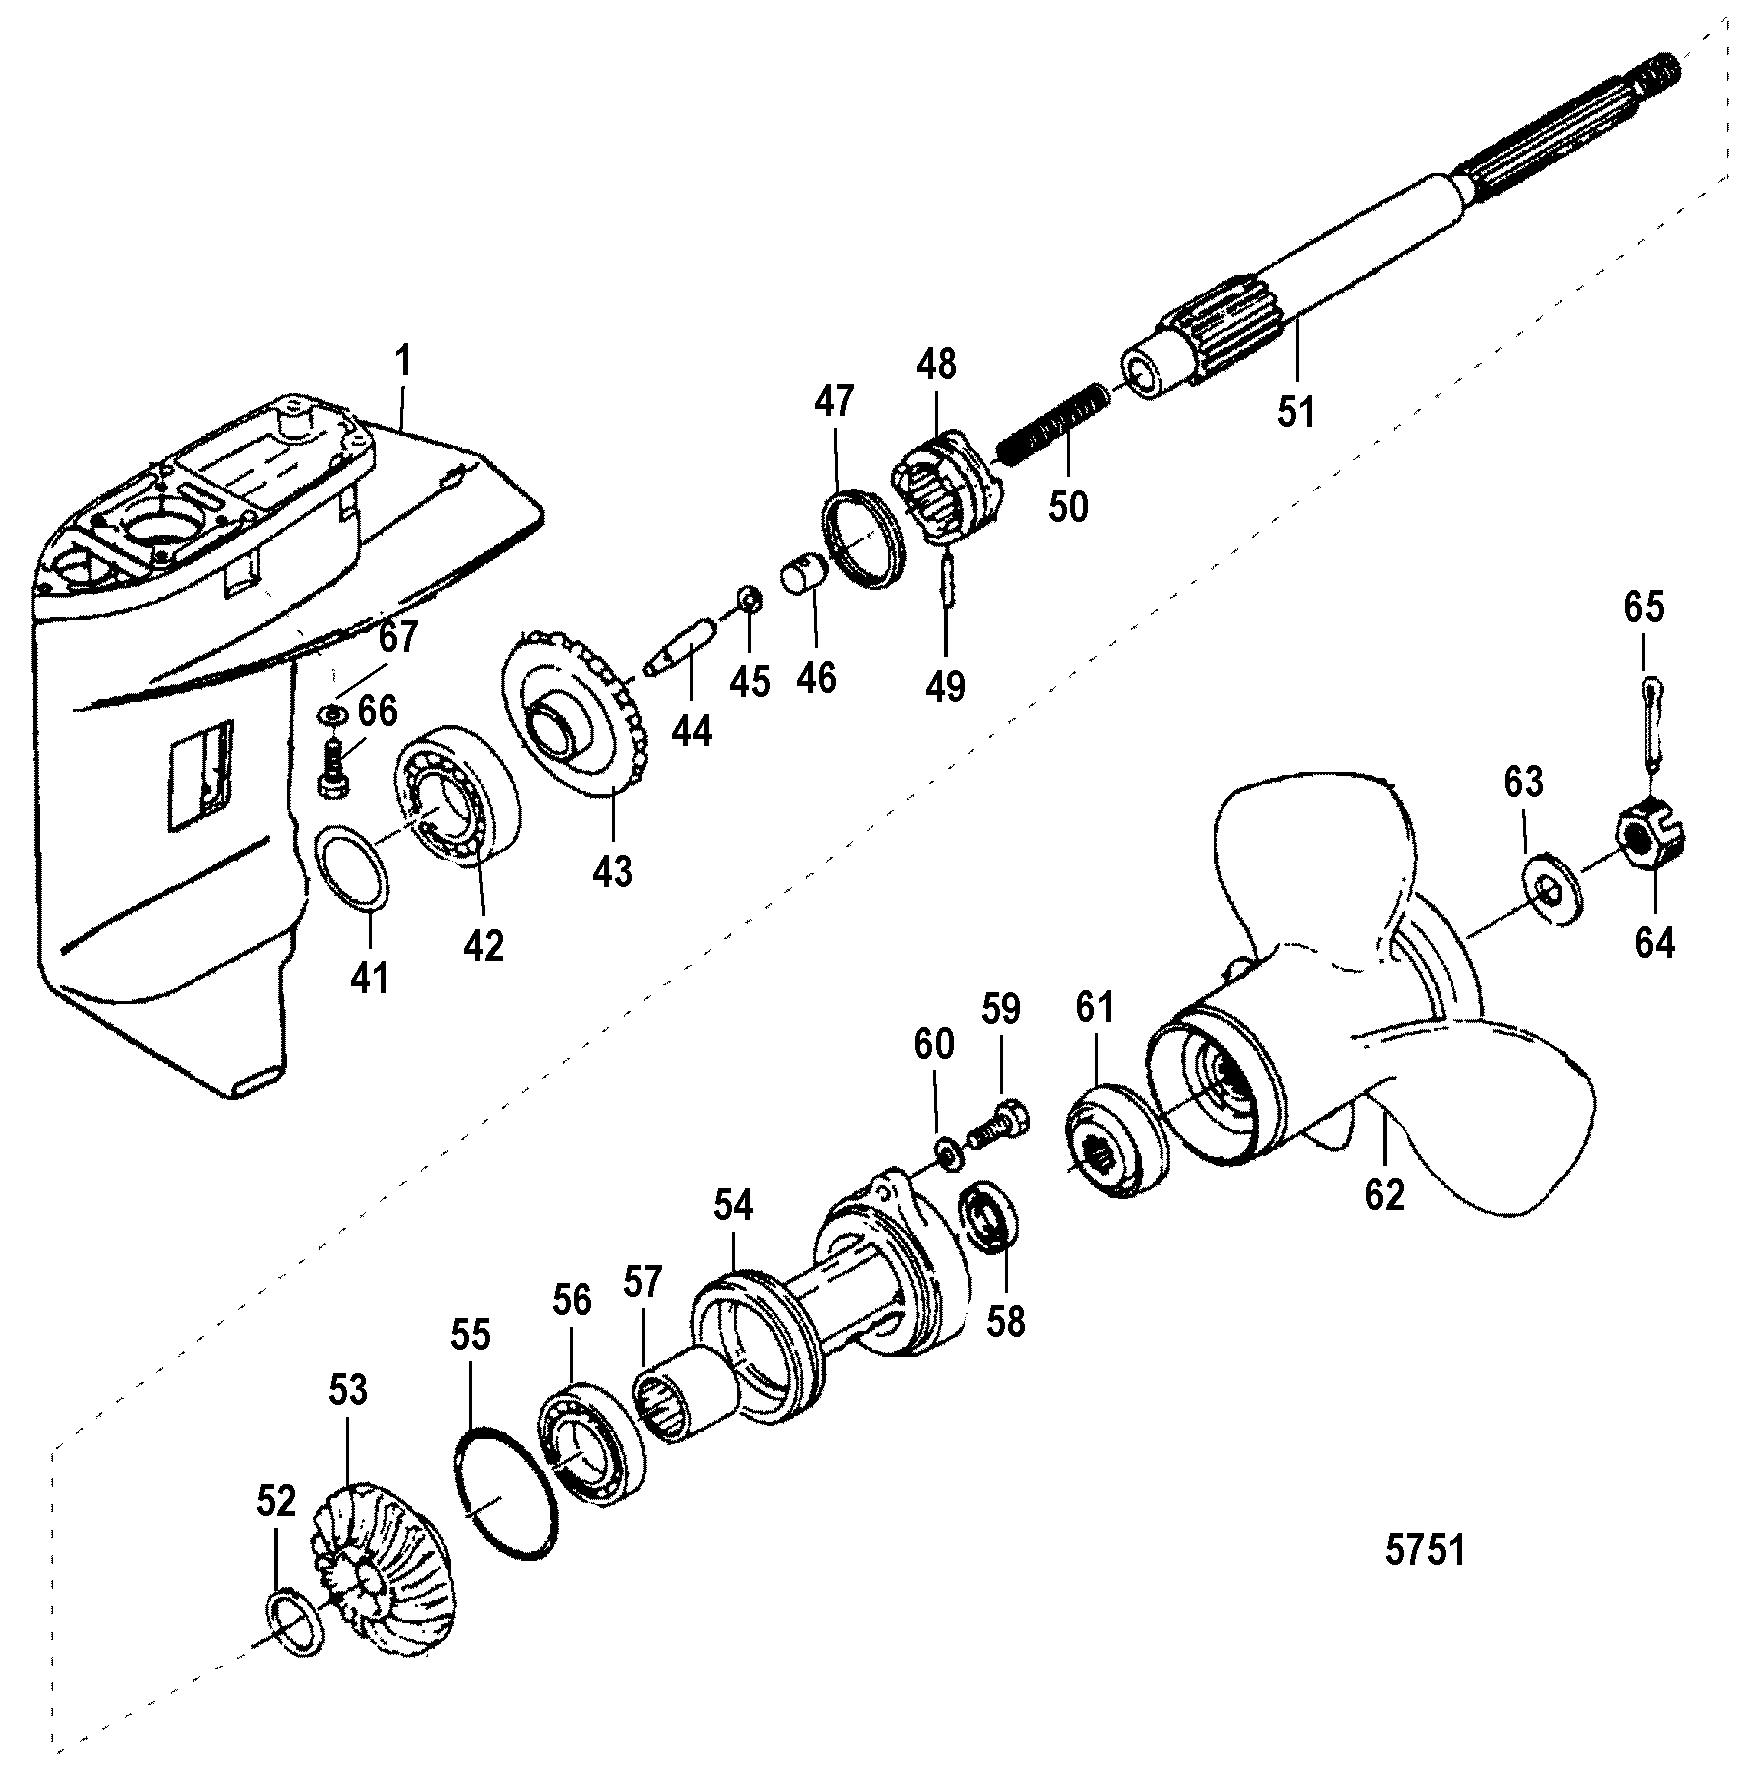 mercury quicksilver fuel tank parts